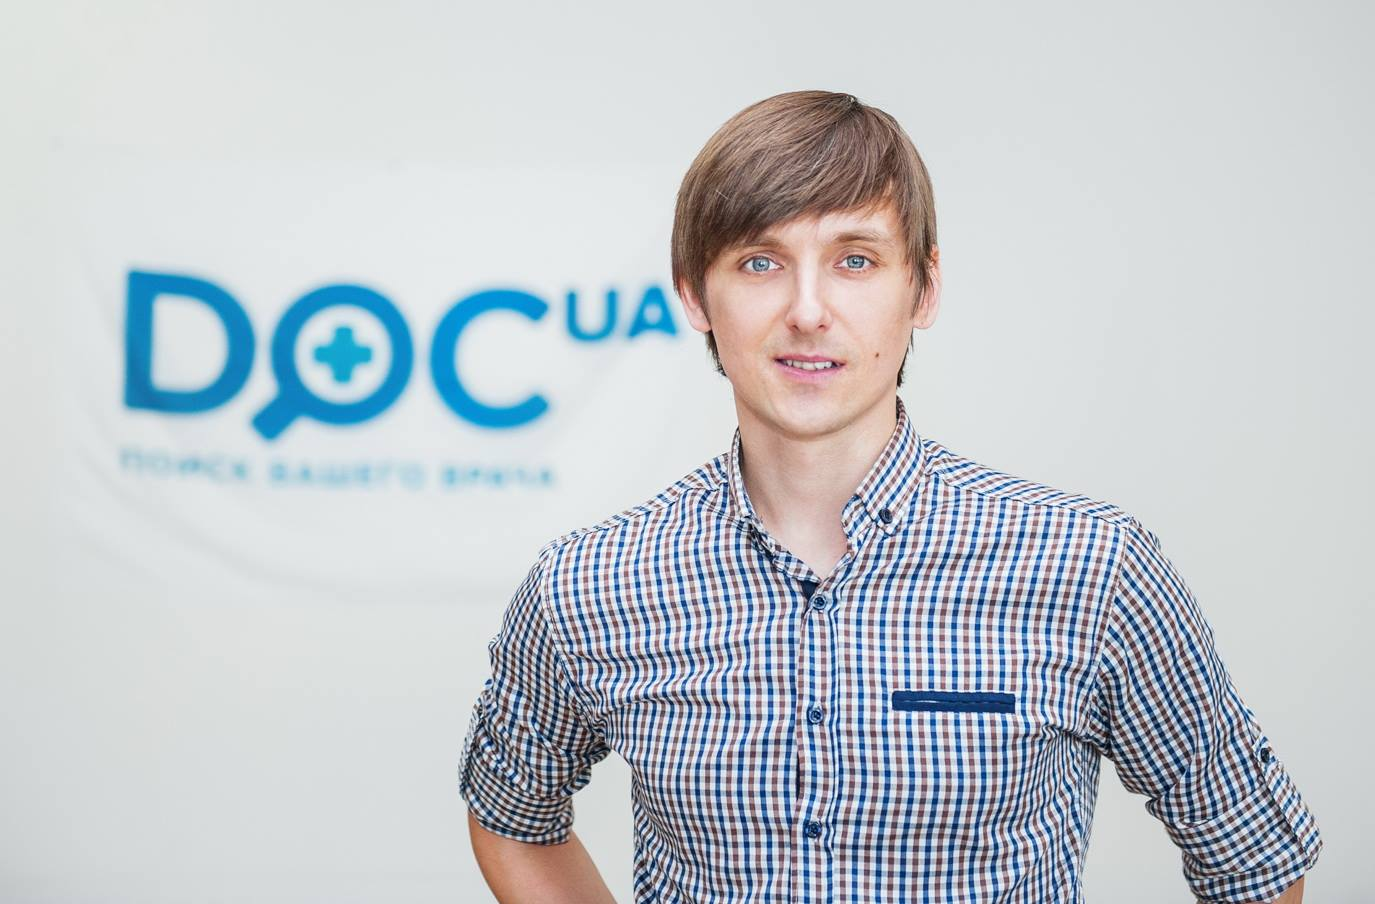 DOC.ua – уникальный проект в сфере электронной медицины